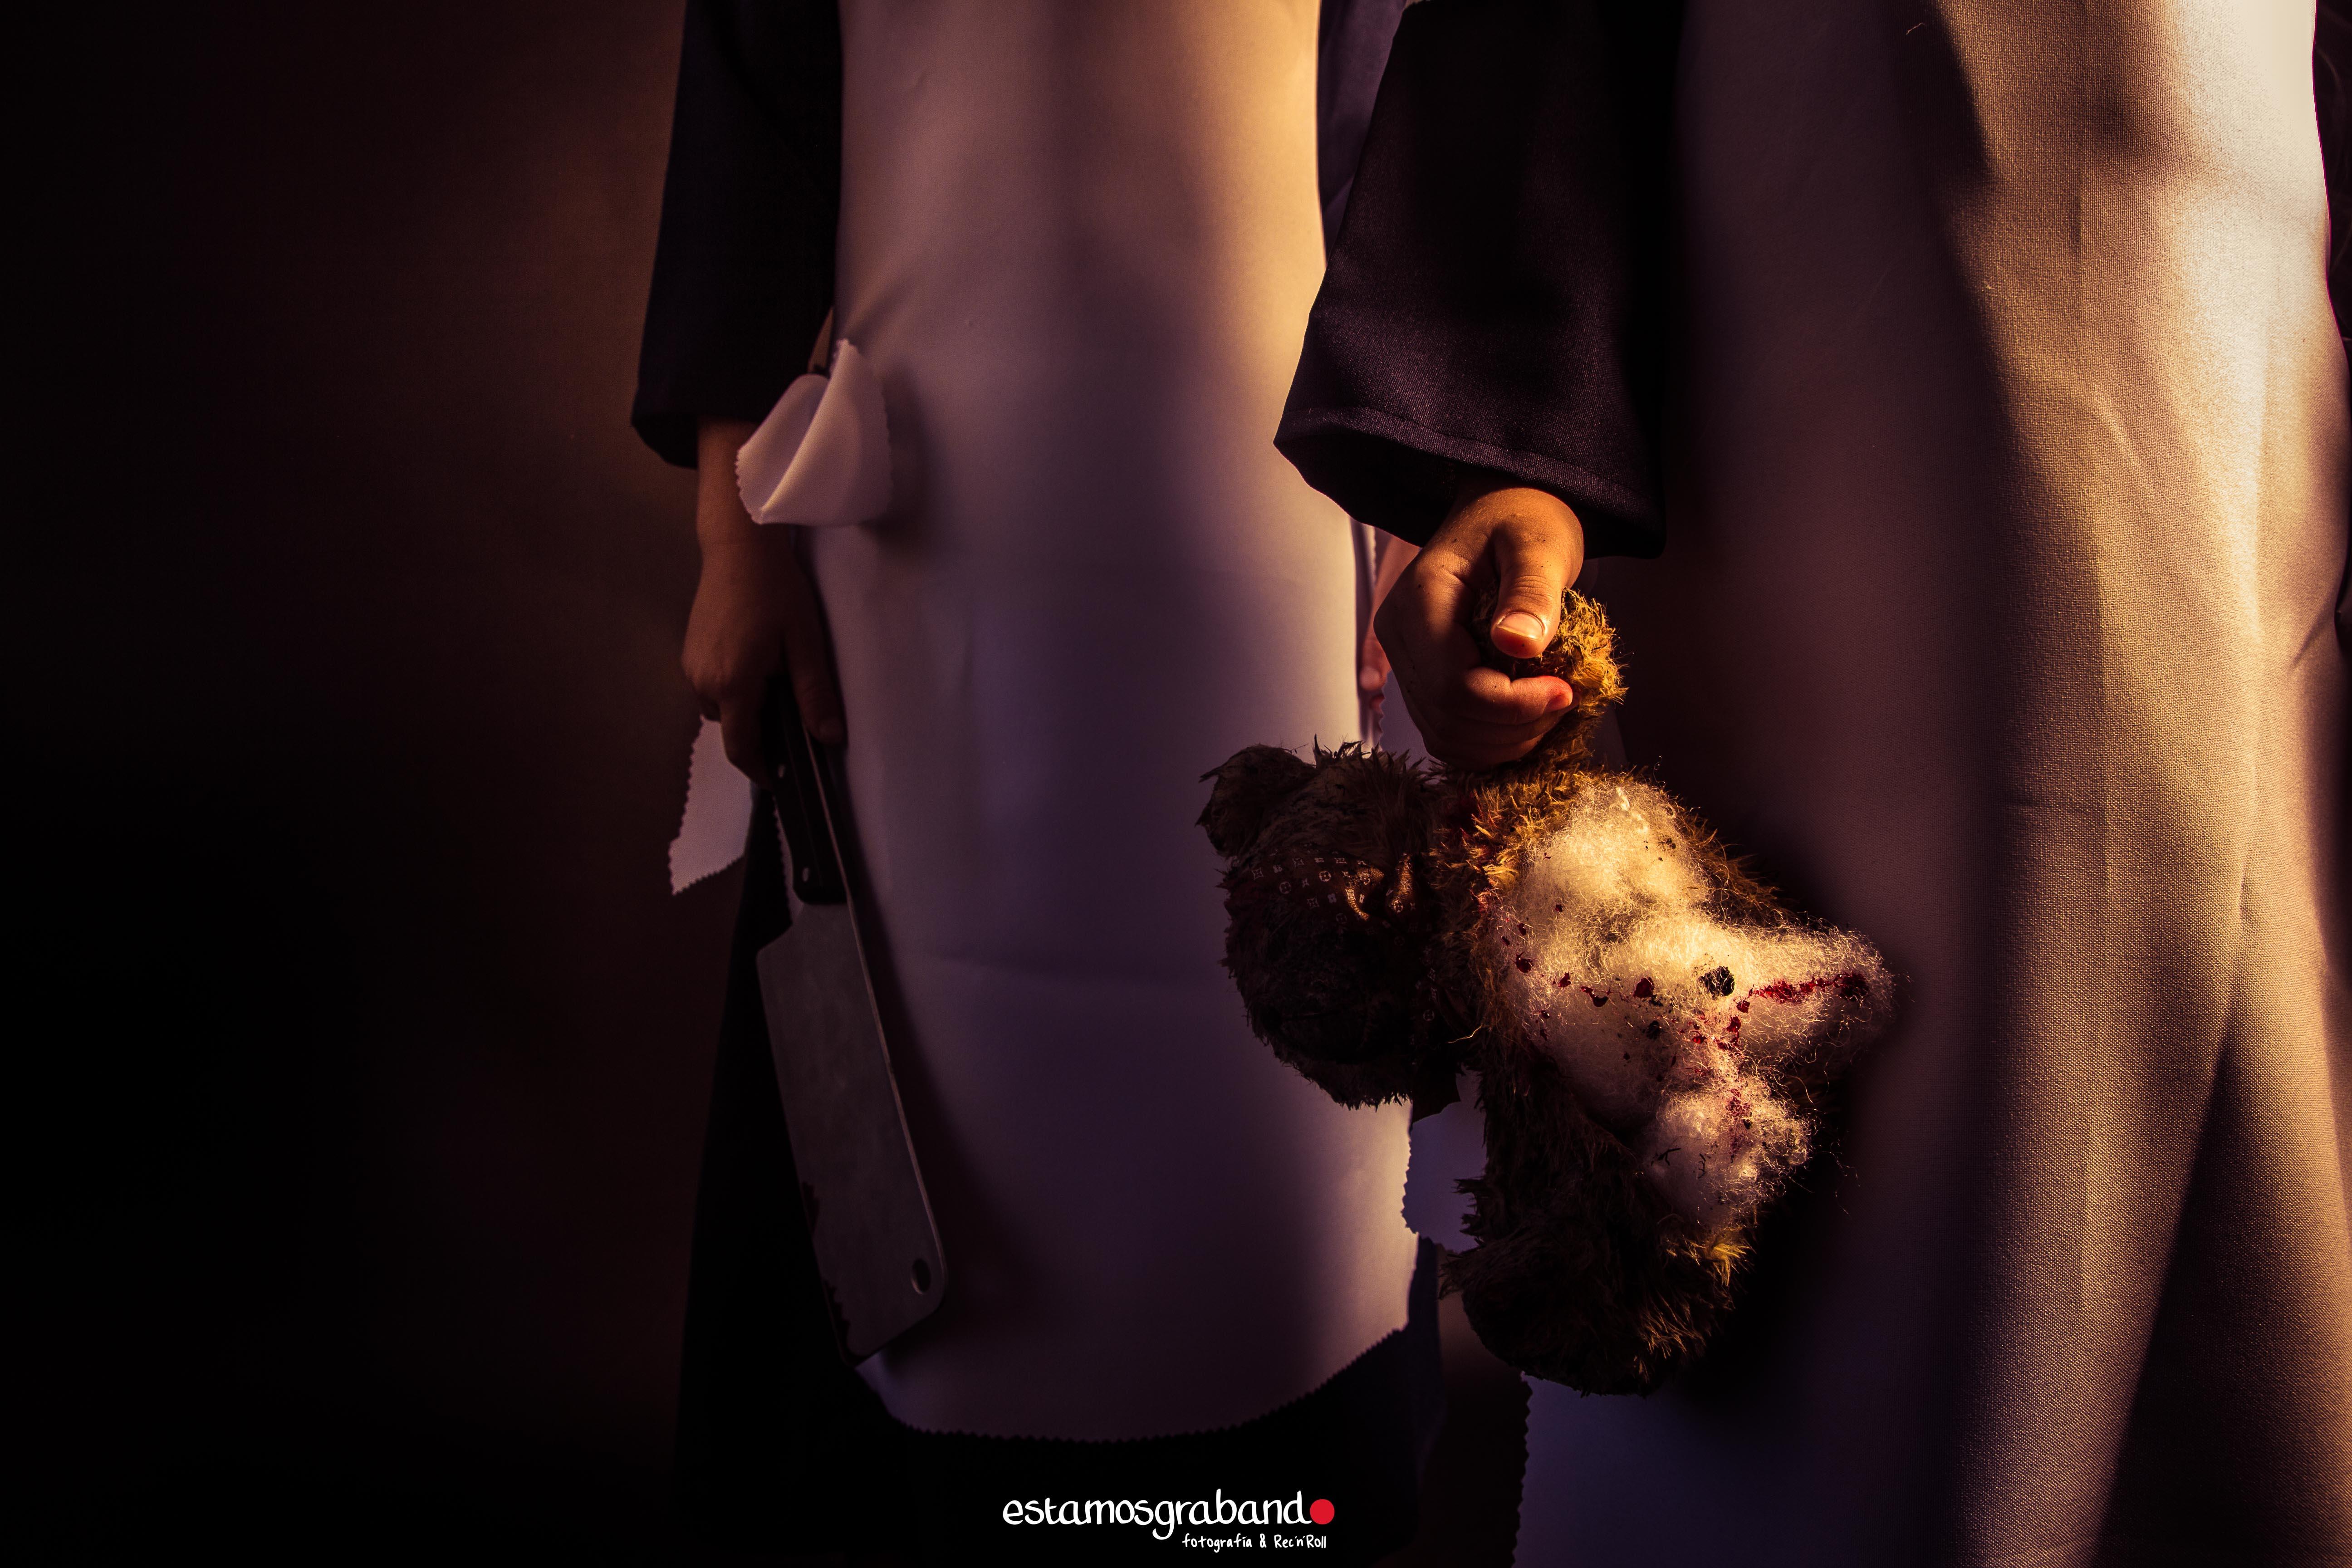 Halloween_estamosgrabando-10 Sesiones Terroríficas Volumen I_Fotografía Halloween - video boda cadiz